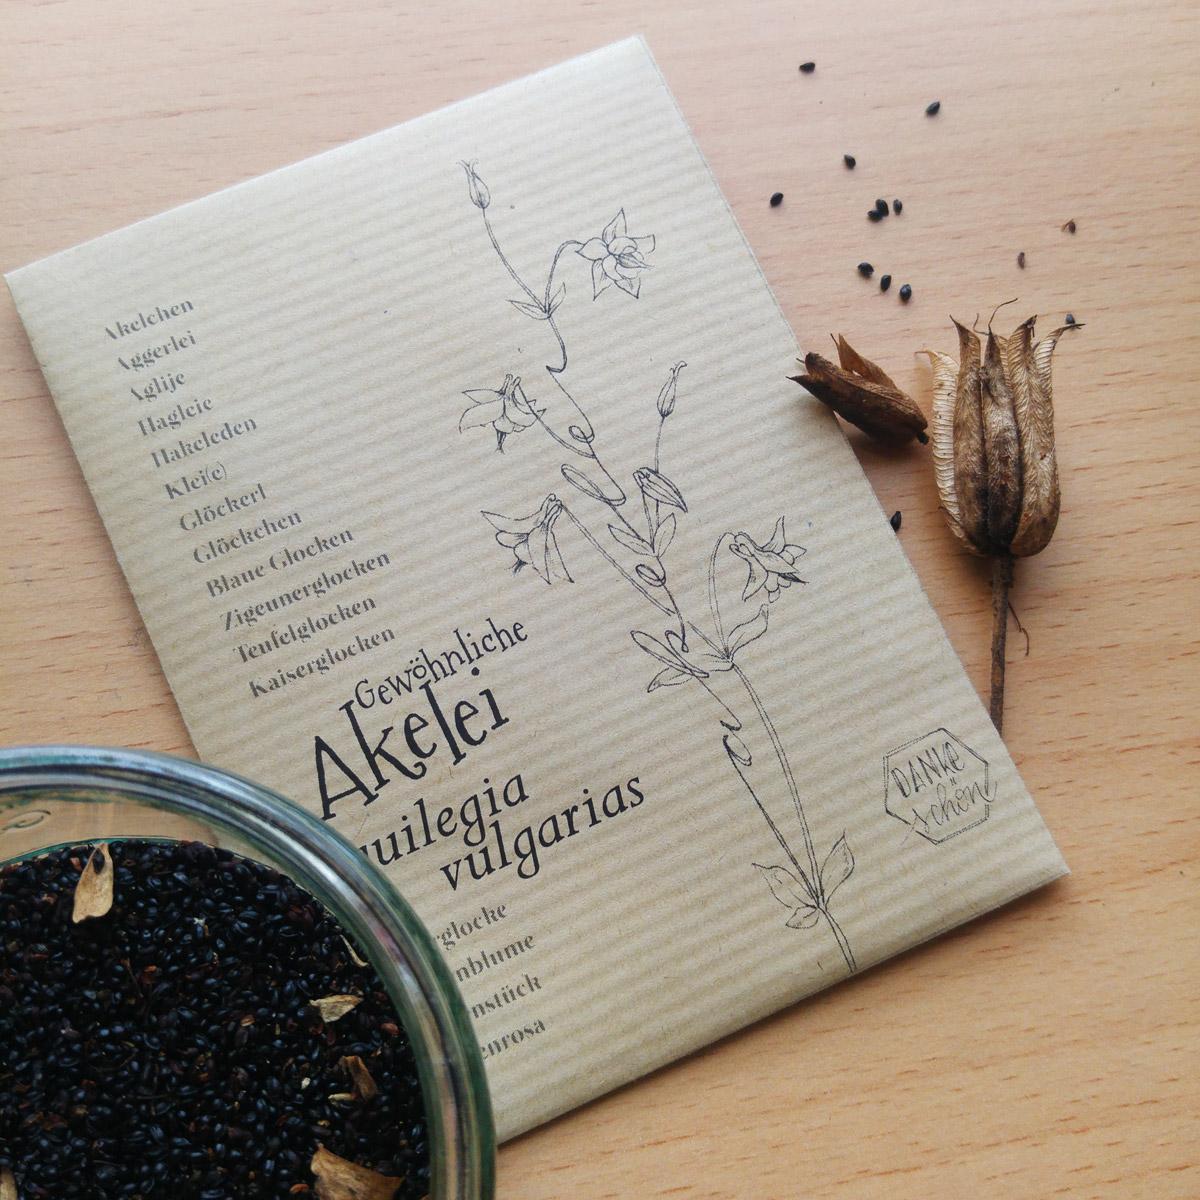 Akeleien haben viele Namen - die Pflanze gilt als giftig, allerdings nur wenn man sie verzehrt.